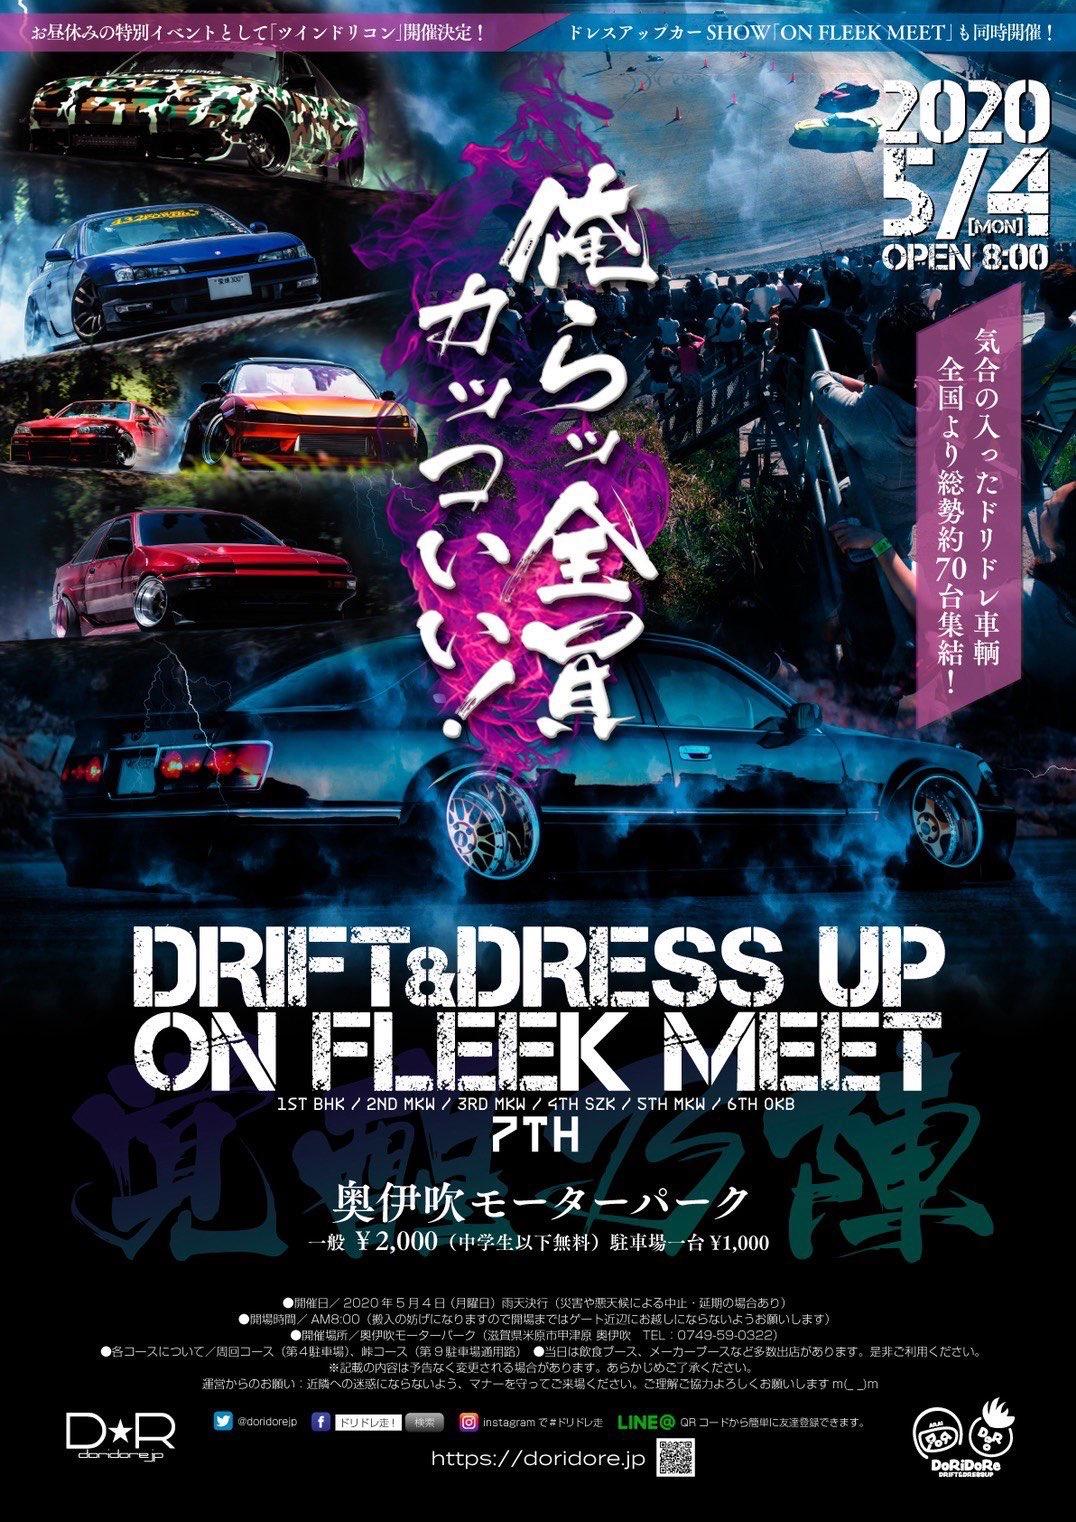 中止:DRIFT & DRESSUP ON FLEEK MEET 7TH (ドリドレ走in奥伊吹モーターパーク)